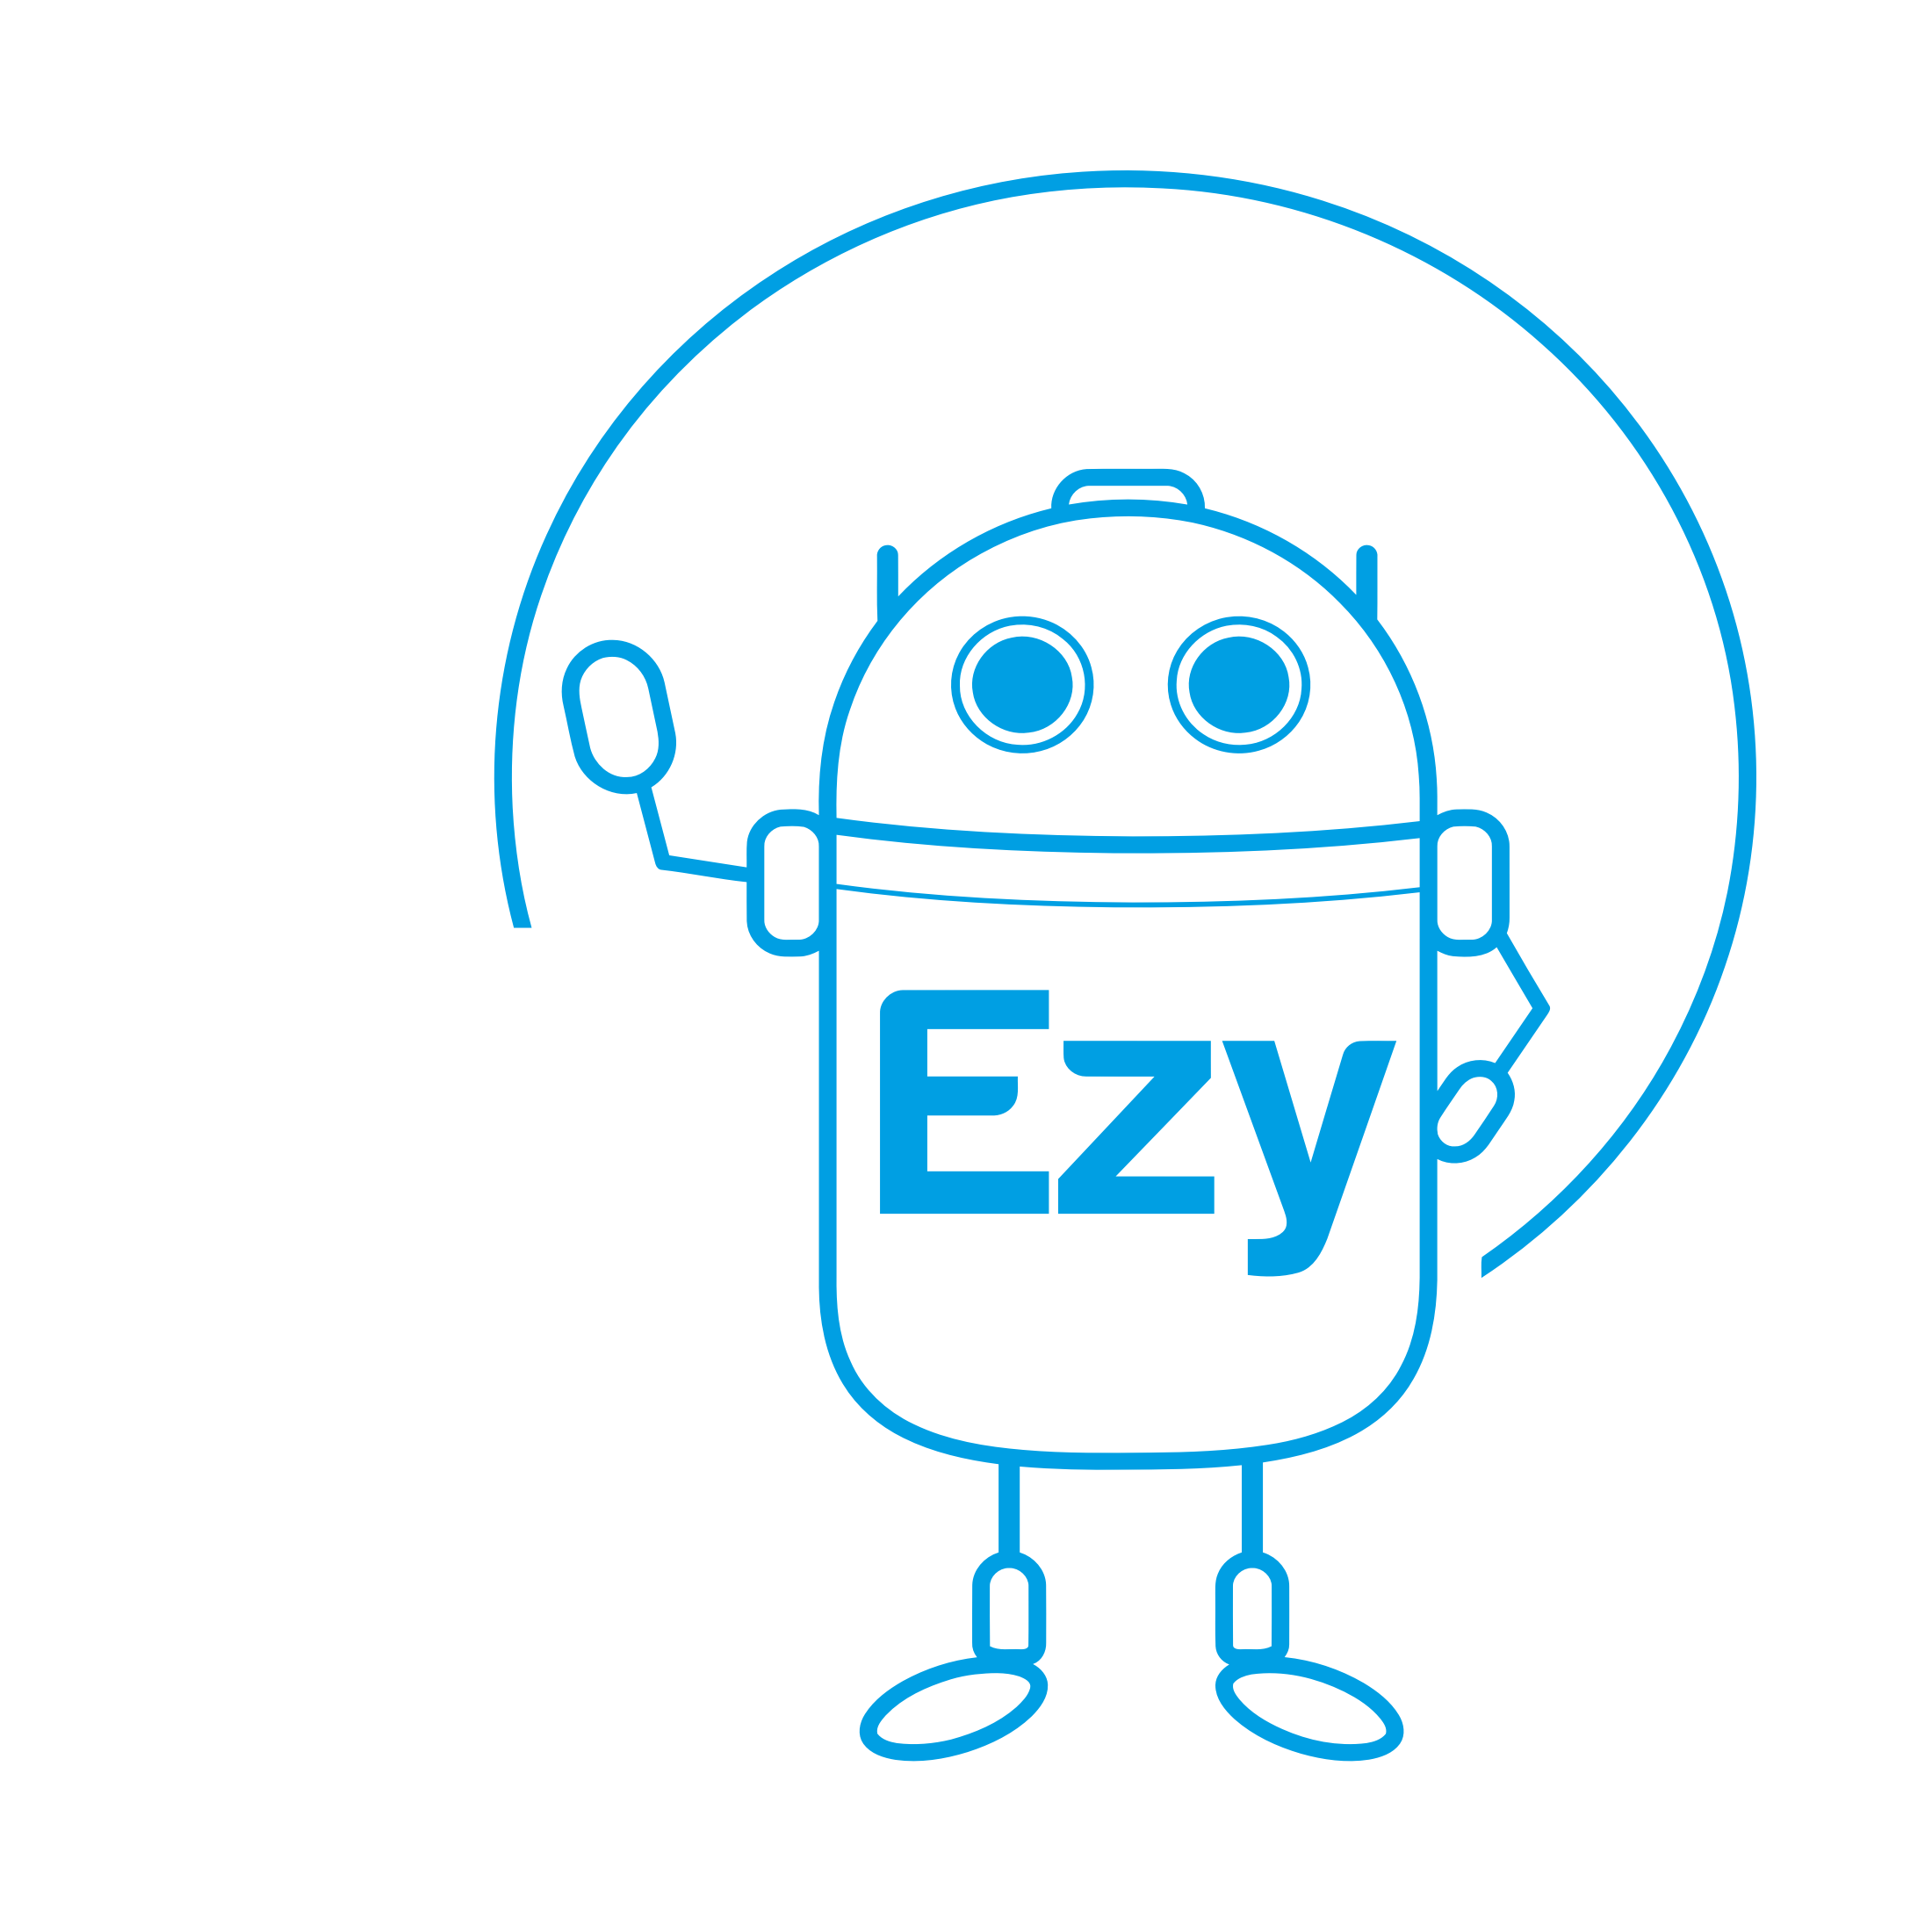 ClubEzy